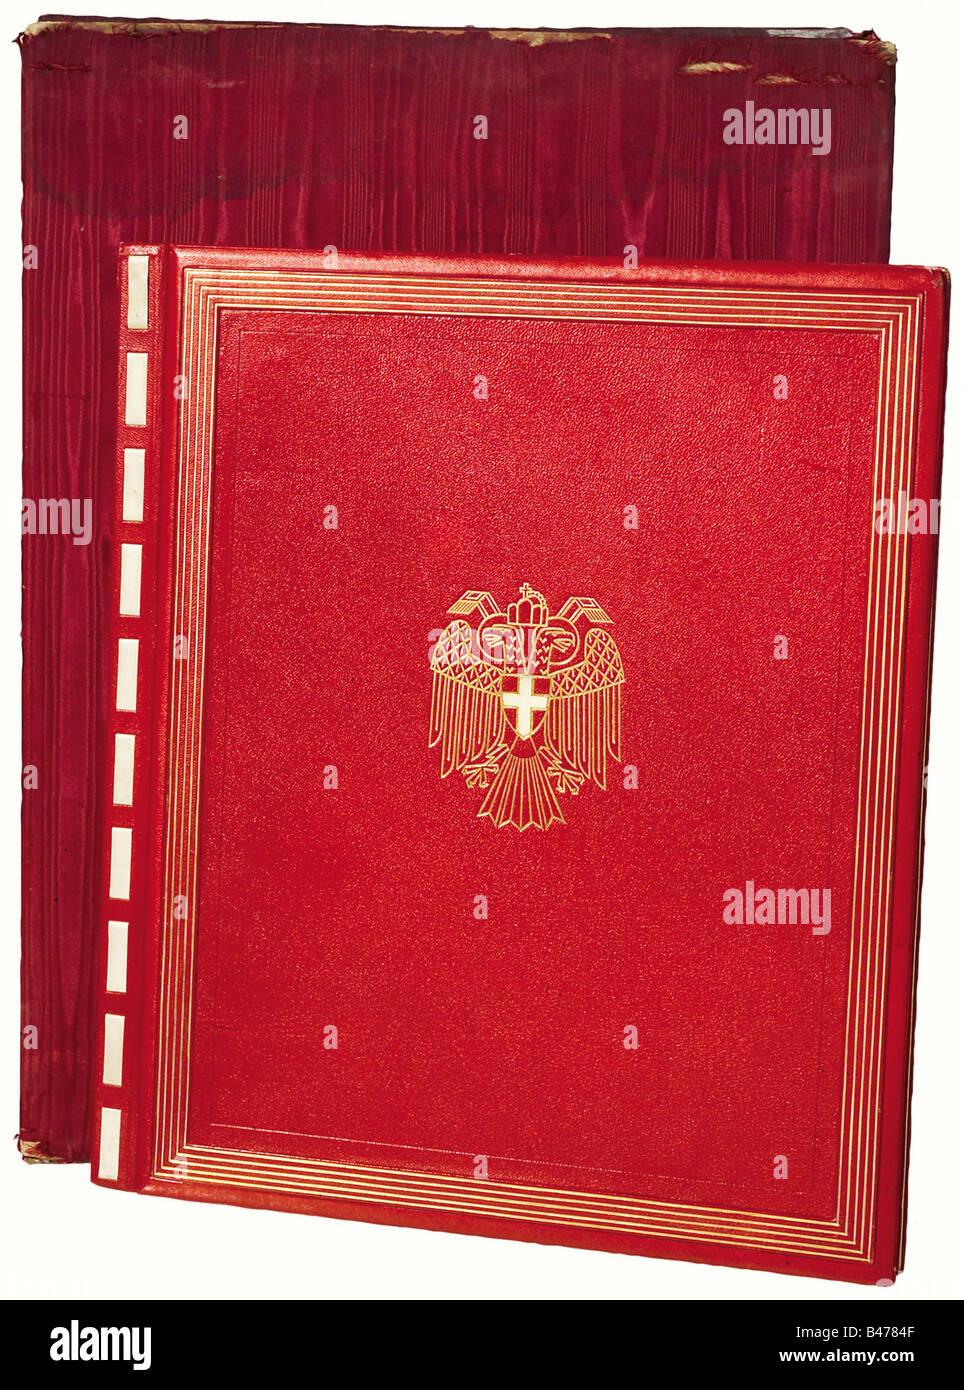 Escritura de la lealtad de la ciudad de Viena, en ocasión del 10º aniversario de Hitler gubernamentales. Imagen De Stock